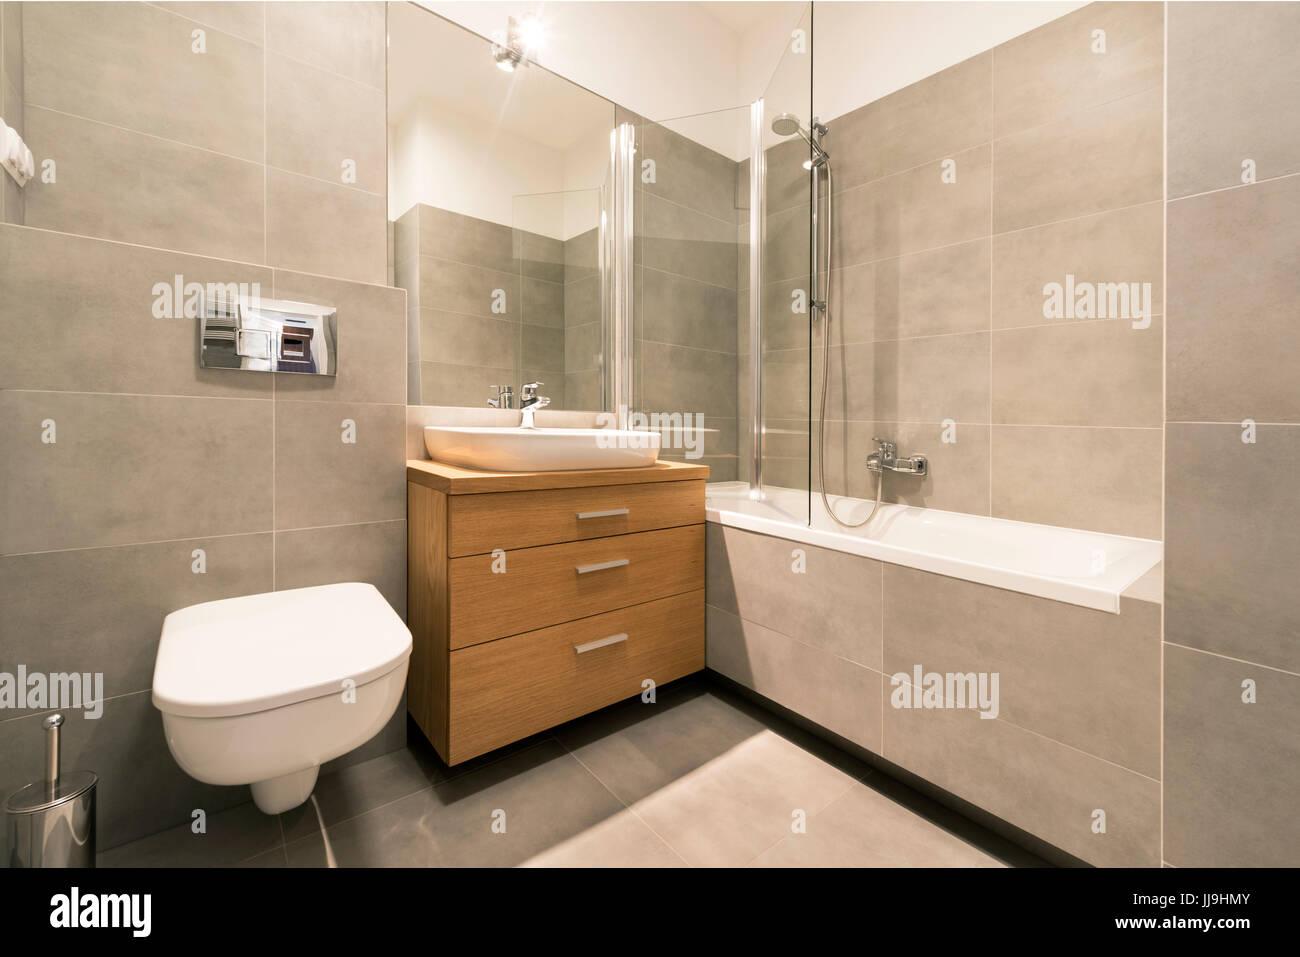 Fußboden Bad ~ Modernes bad mit fliesen auf dem fußboden in stilvolle wohnung